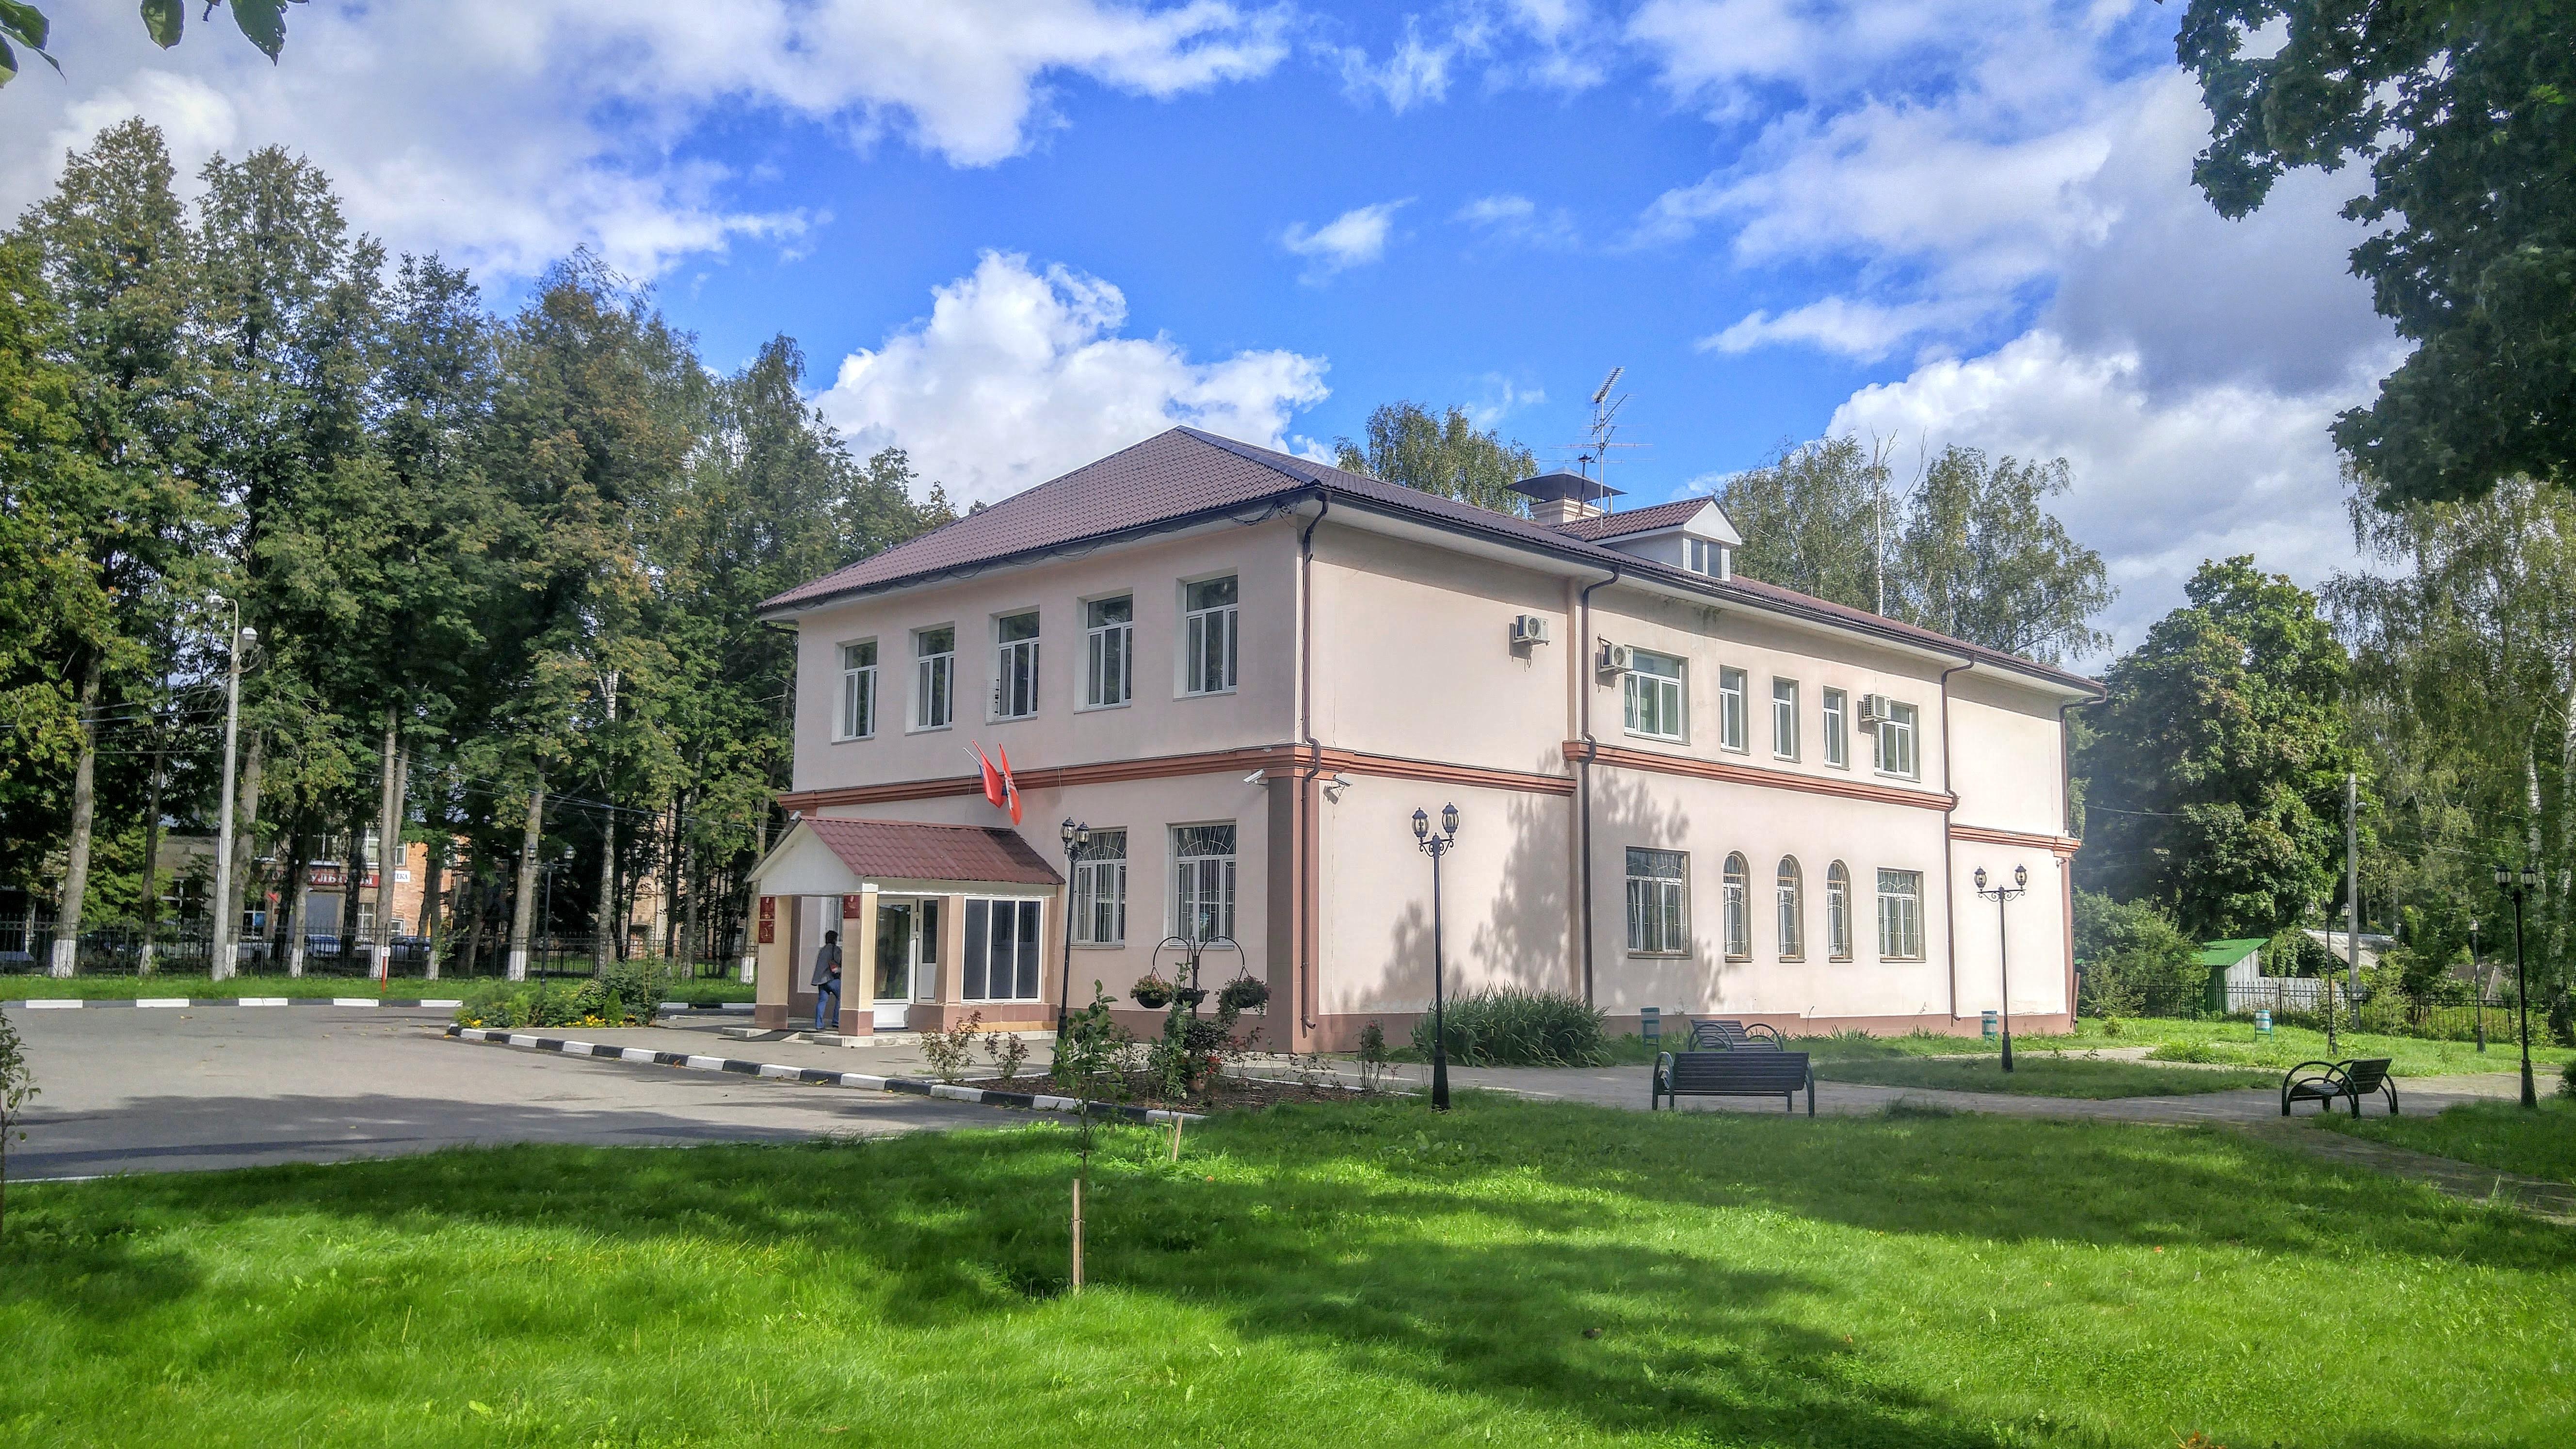 В бывшем здании земской школы, которую построили одни из хозяев усадьбы, сегодня располагается городская администрация